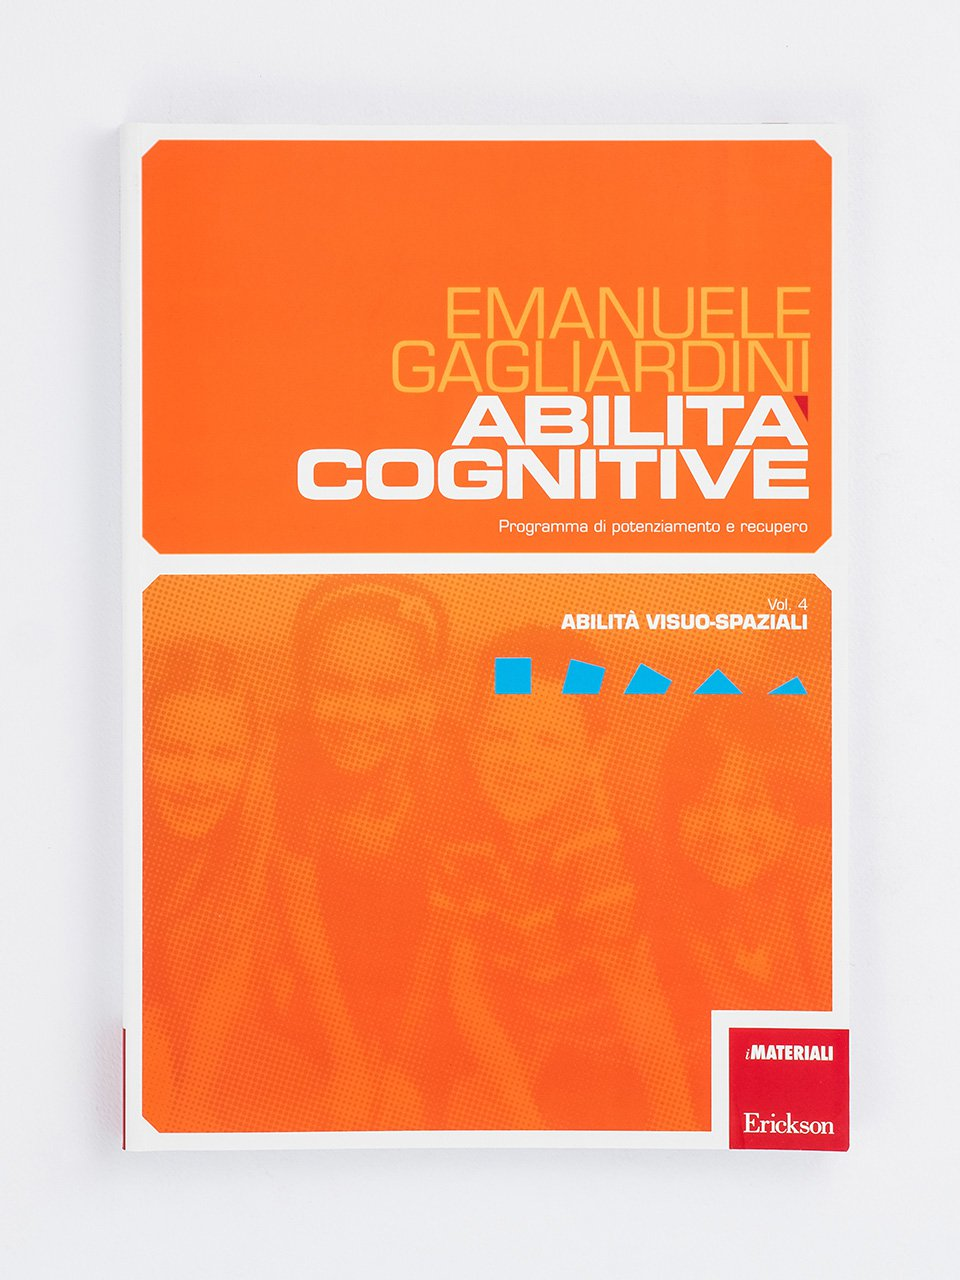 Abilità cognitive - Vol. 4: Abilità visuo-spaziali - Giocamemo - Il circo dei contrari - Giochi - Erickson